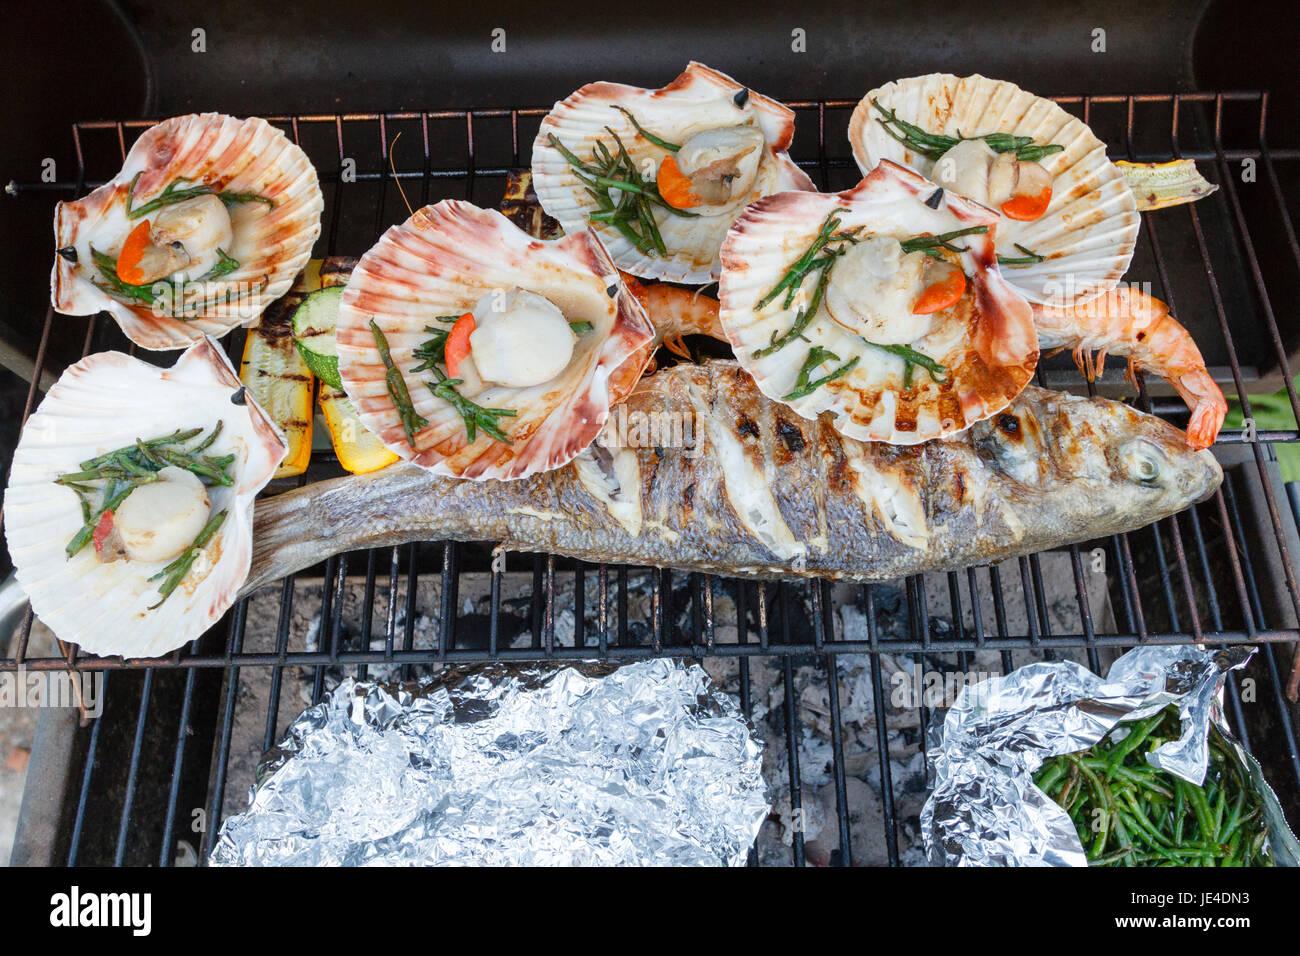 Fisch und Meeresfrüchte zubereitet auf einem Grill in England, UK Stockbild